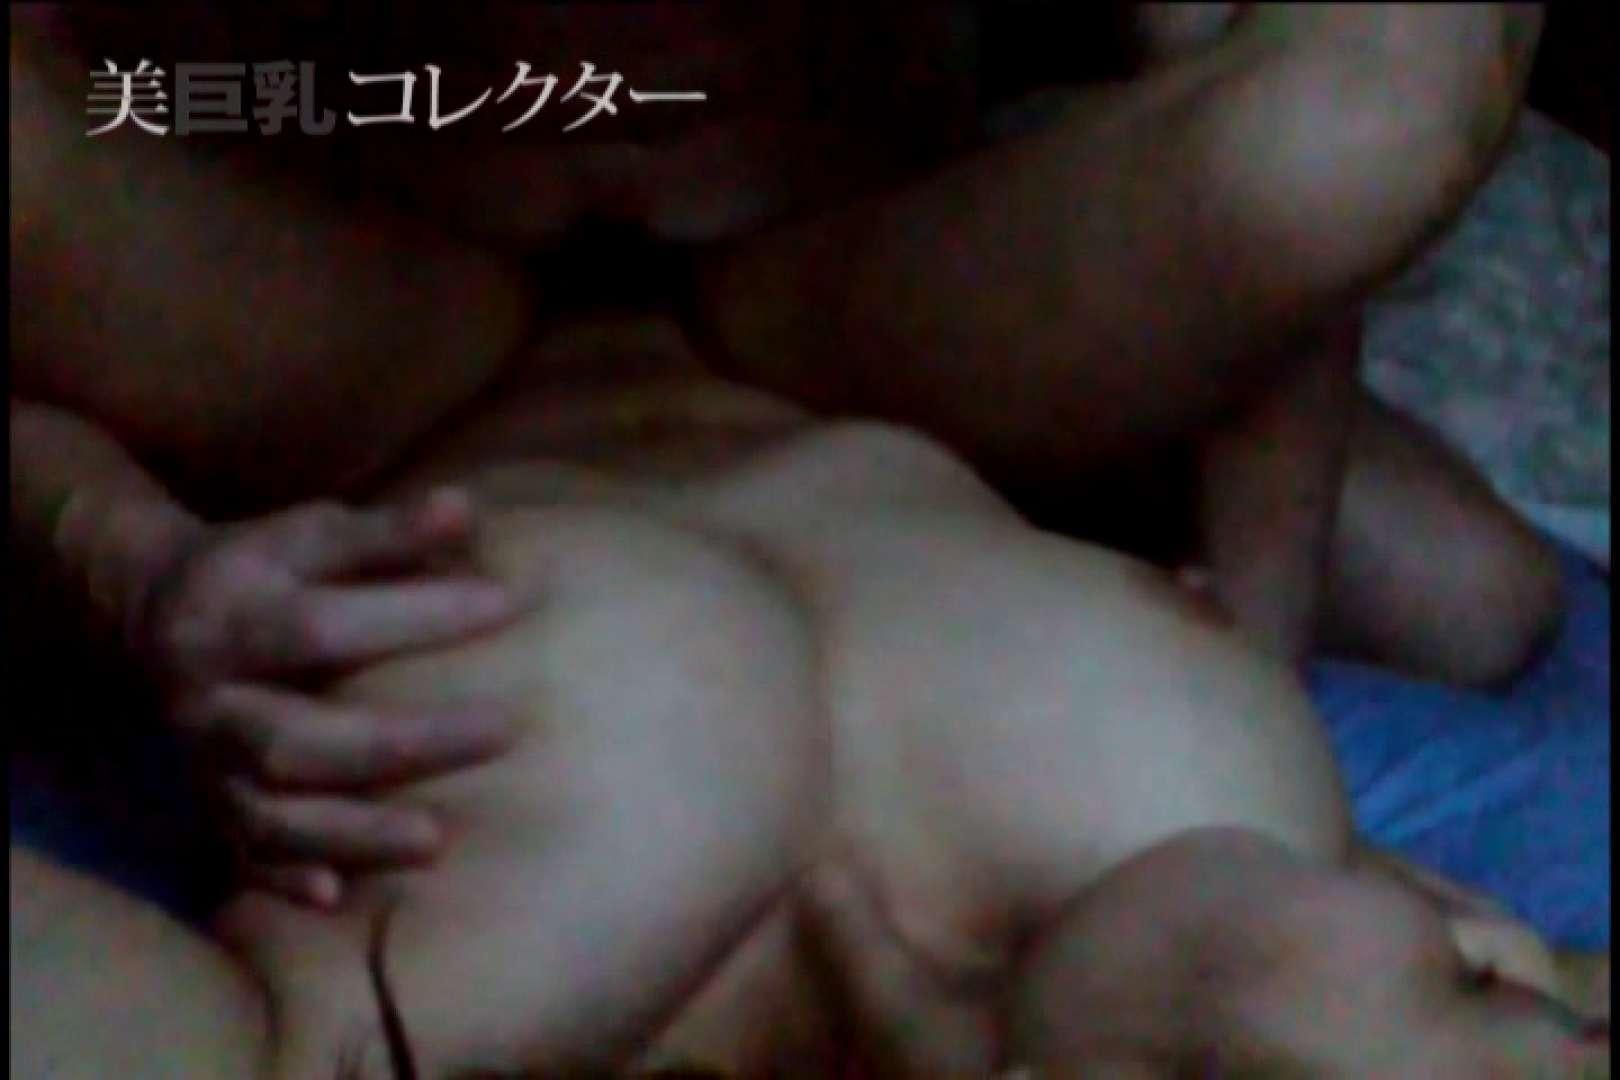 泥酔Hカップ爆乳ギャル3 SEXプレイ ヌード画像 80連発 59